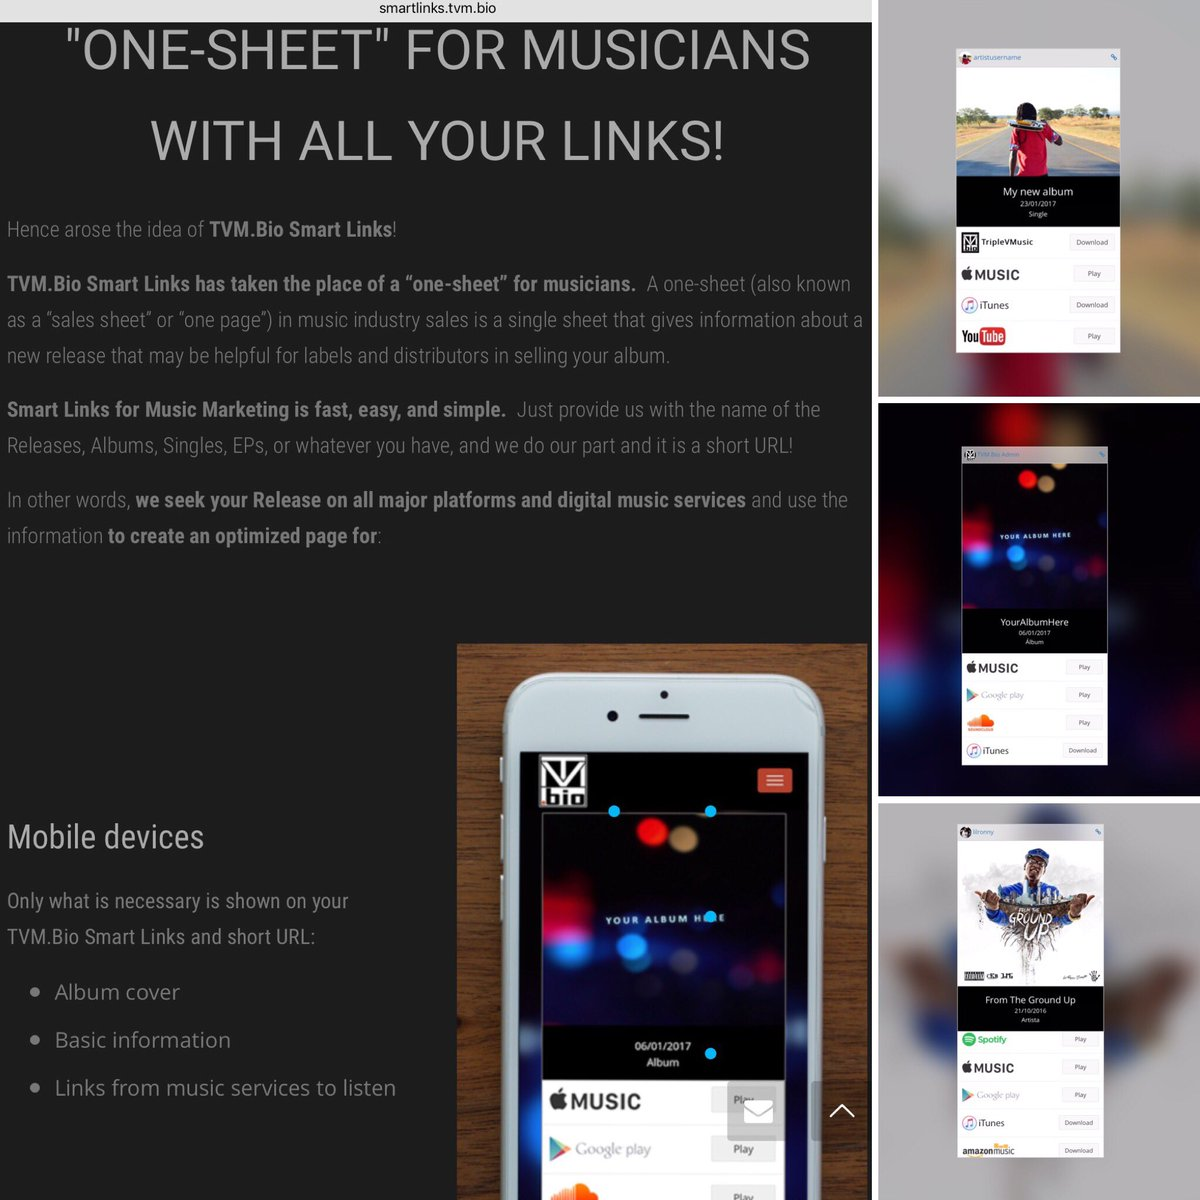 RT &amp; LIKE Smart links for Smart #Musicians  http:// smartlinks.tvm.bio  &nbsp;   Digital One Sheet for #music #musicmarketing #recordlabel #musicnews<br>http://pic.twitter.com/1kGzm8dFPK